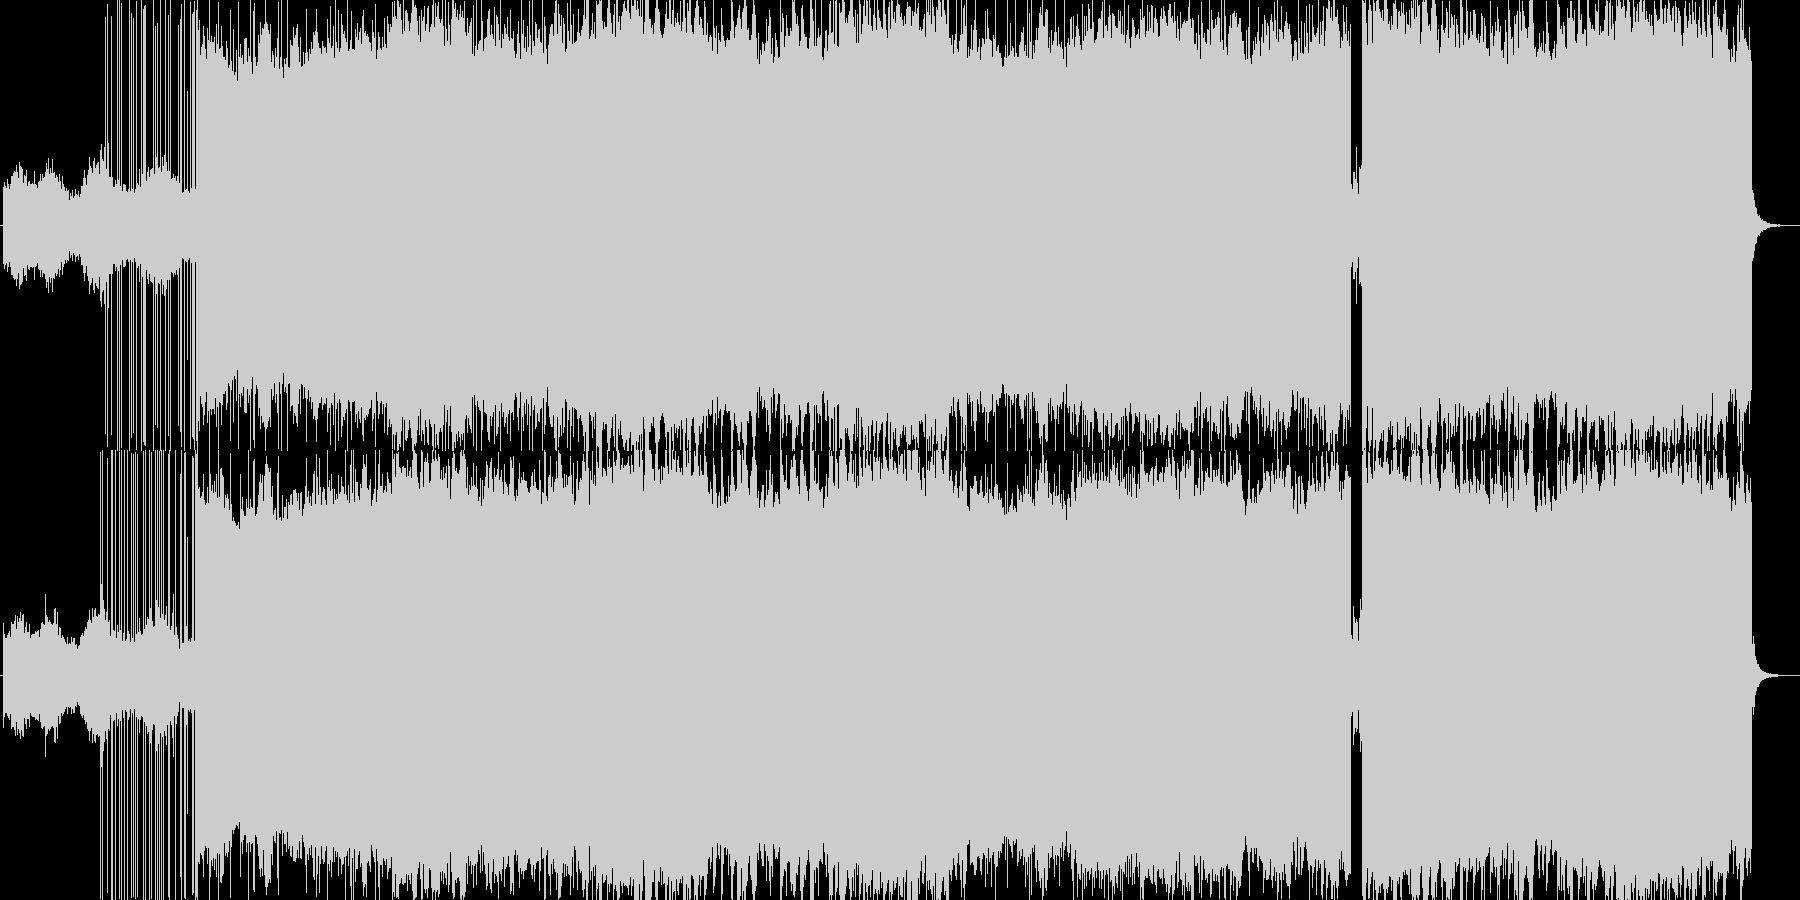 心がリラックスする優しい電子音楽の未再生の波形